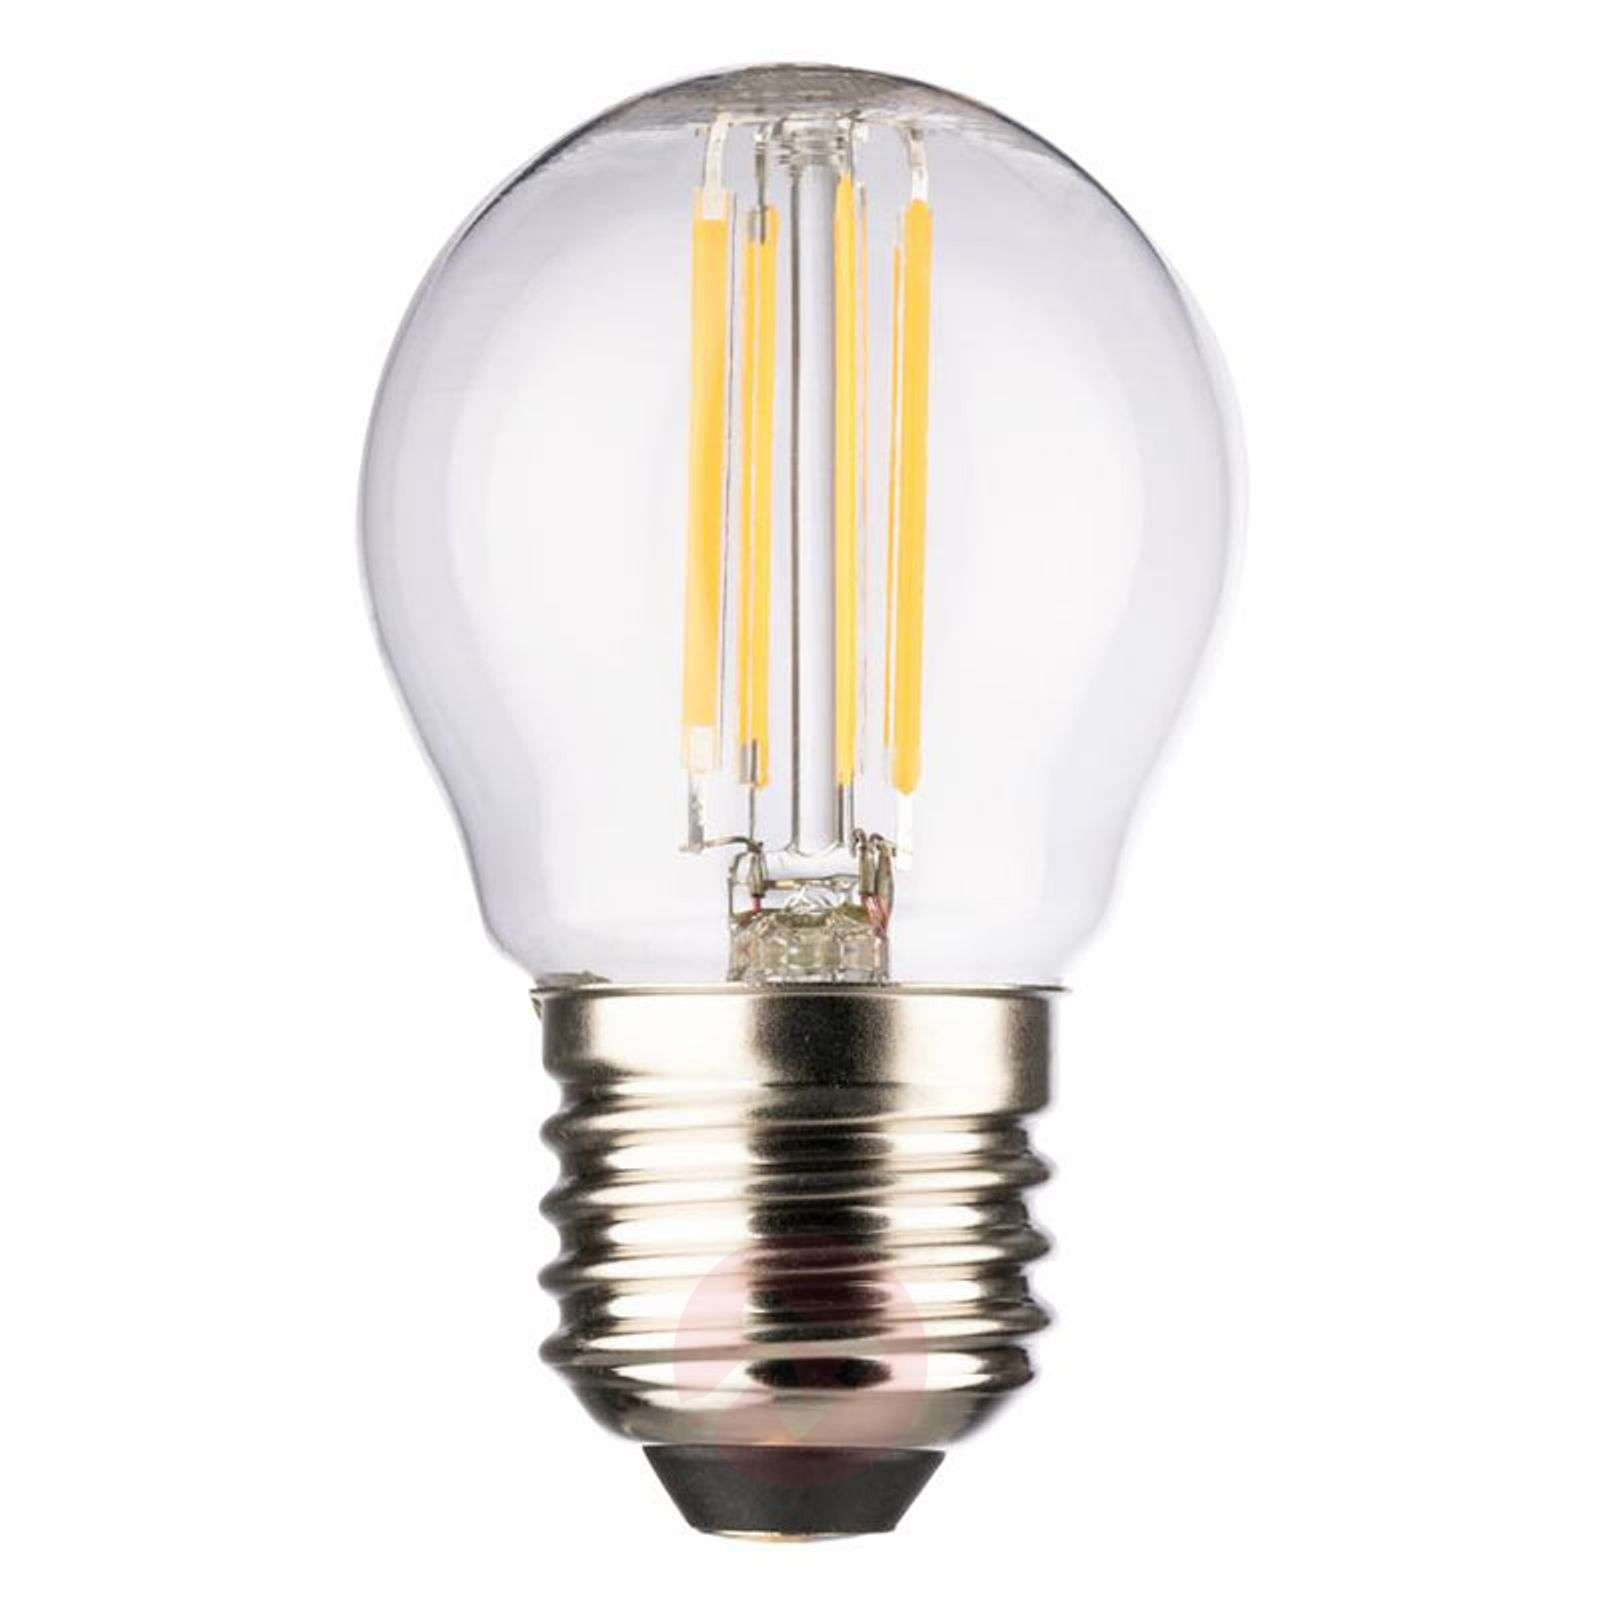 LED-Mini Globe E27 4 W lämmin valkoinen 470 lm-6520294-01